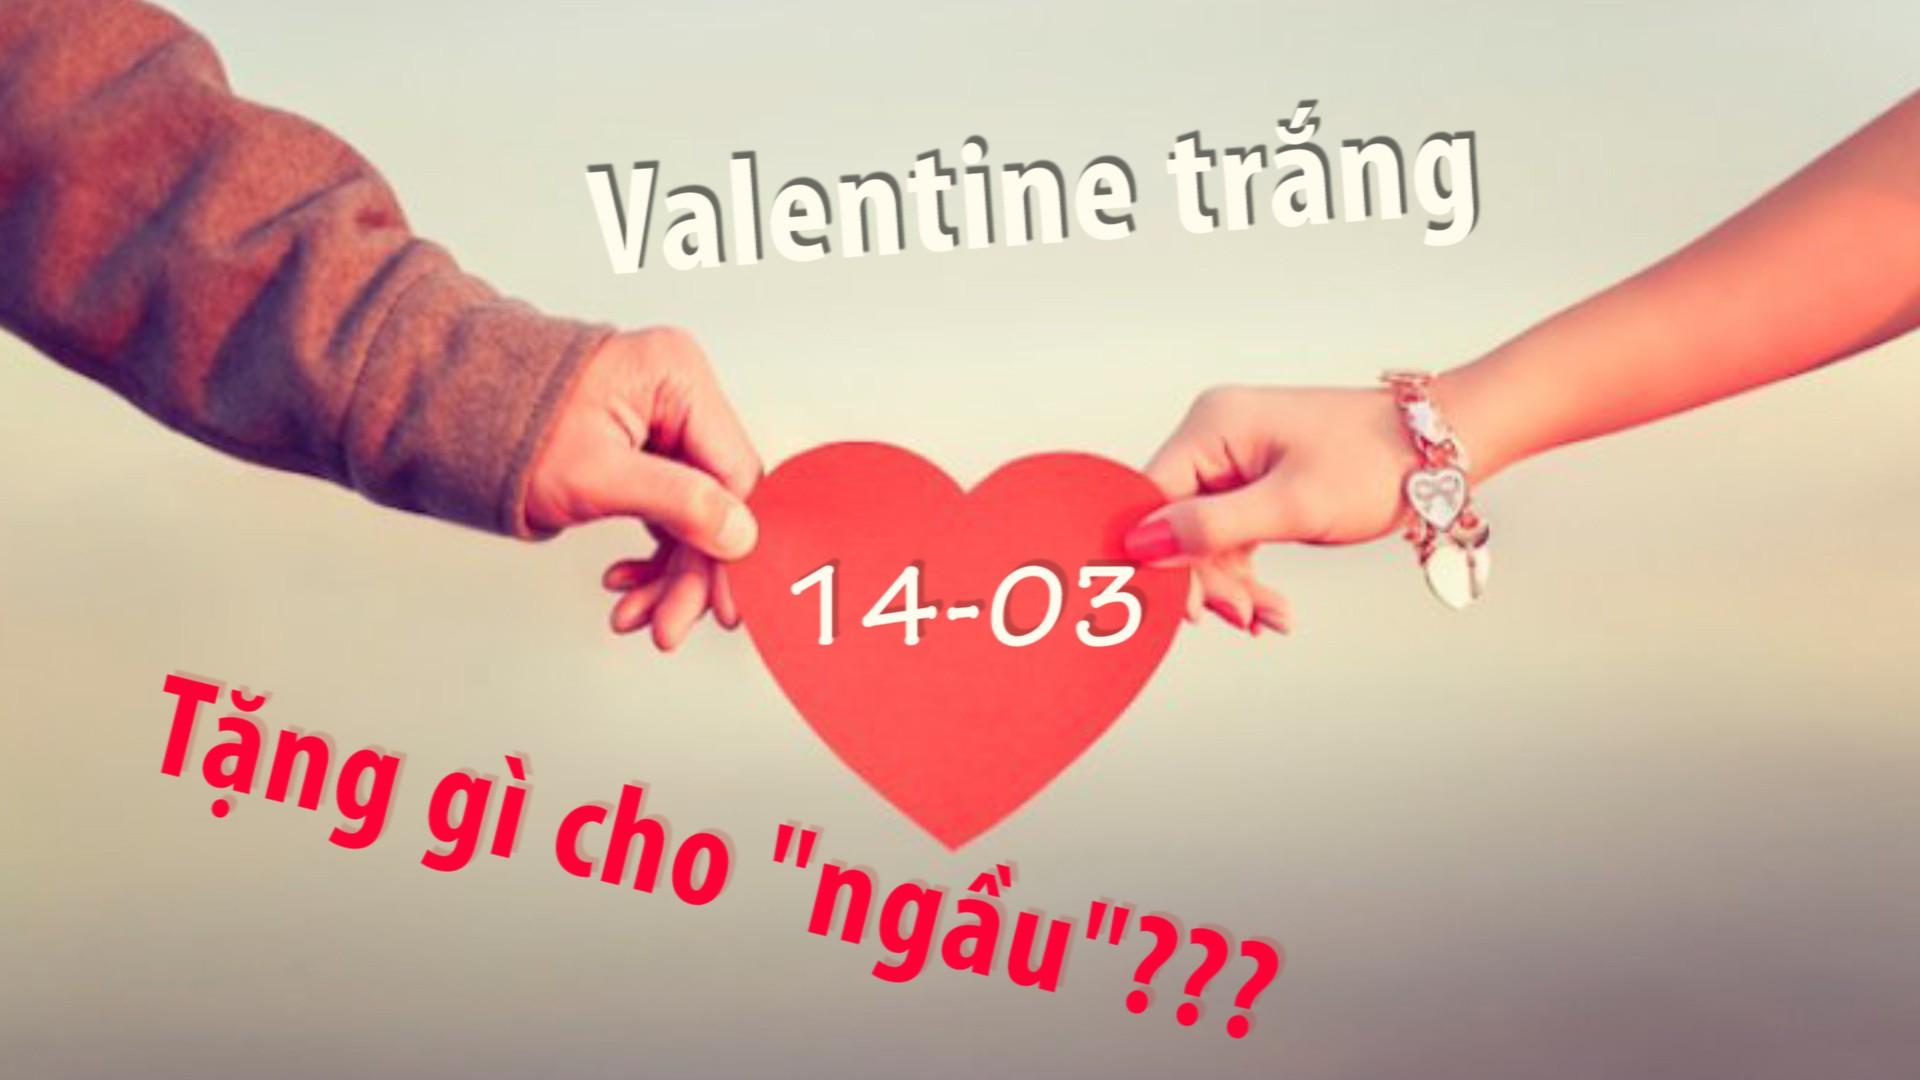 Valentine Trắng 14.3 có phải là ngày đàn ông tặng quà cho phụ nữ? | Đời  sống | Thanh Niên